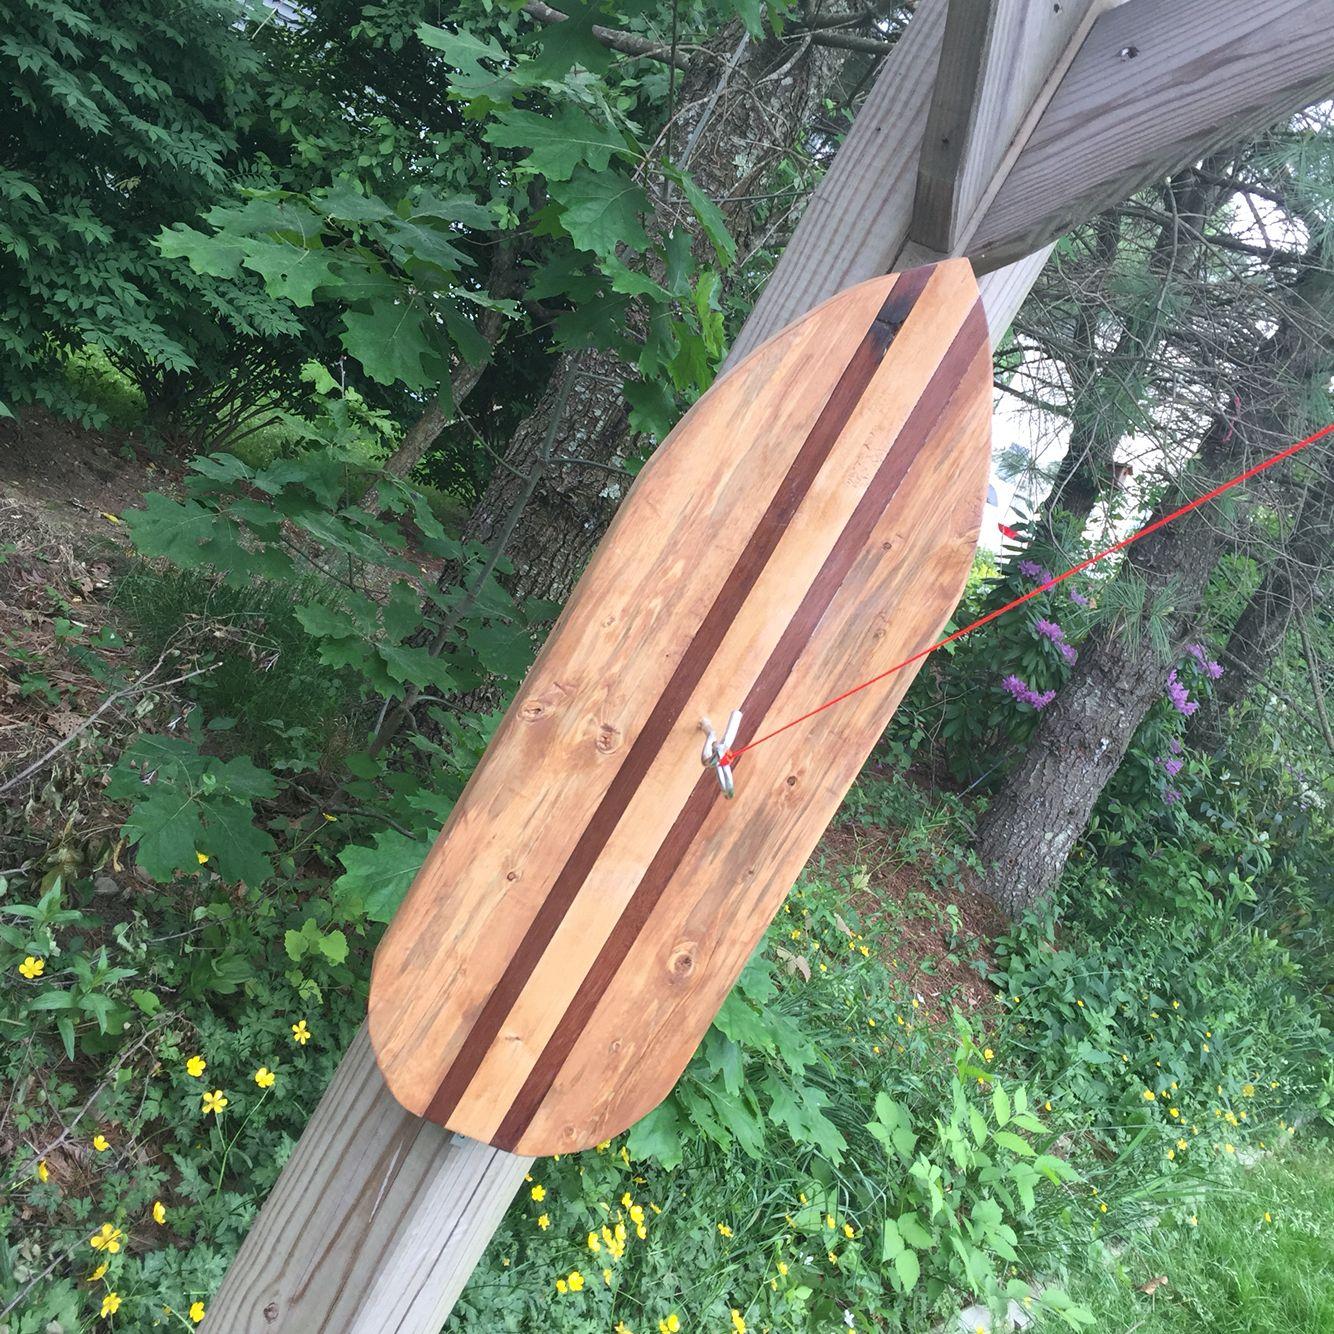 DIY tiki toss from scrap wood Tiki toss, Tiki toss game